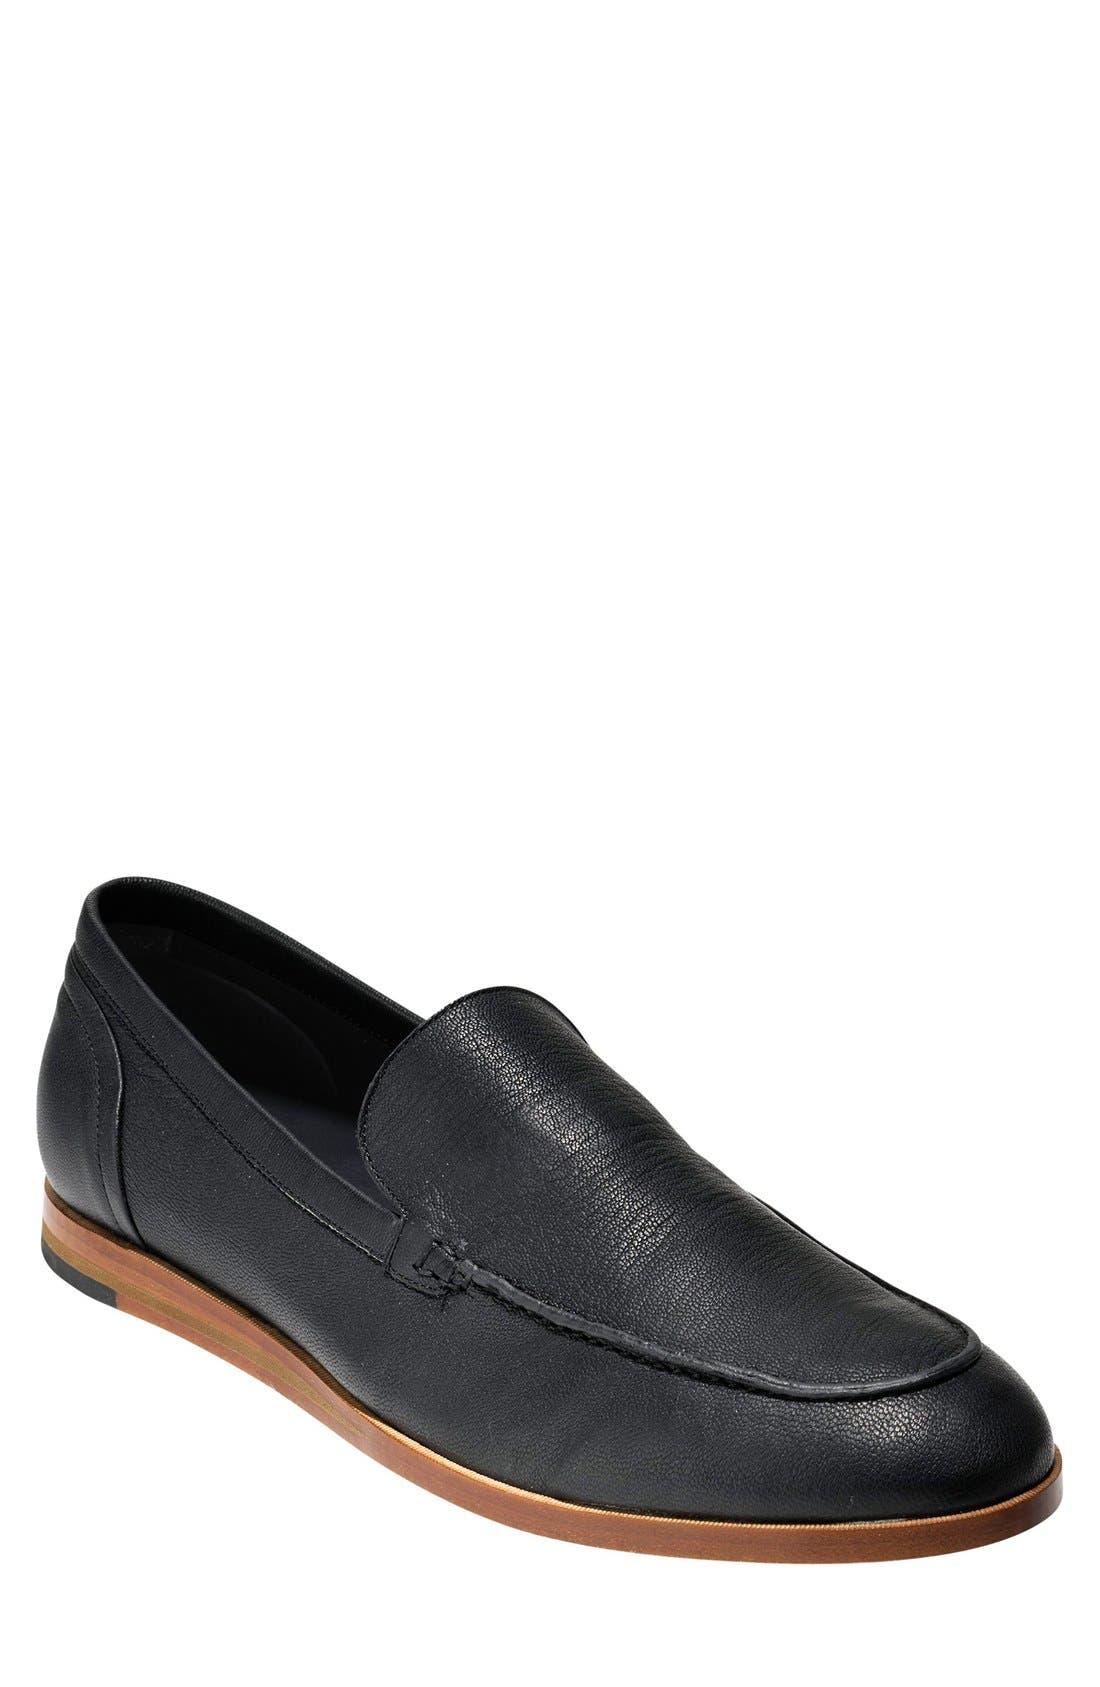 'Bedford' Loafer,                         Main,                         color, 001